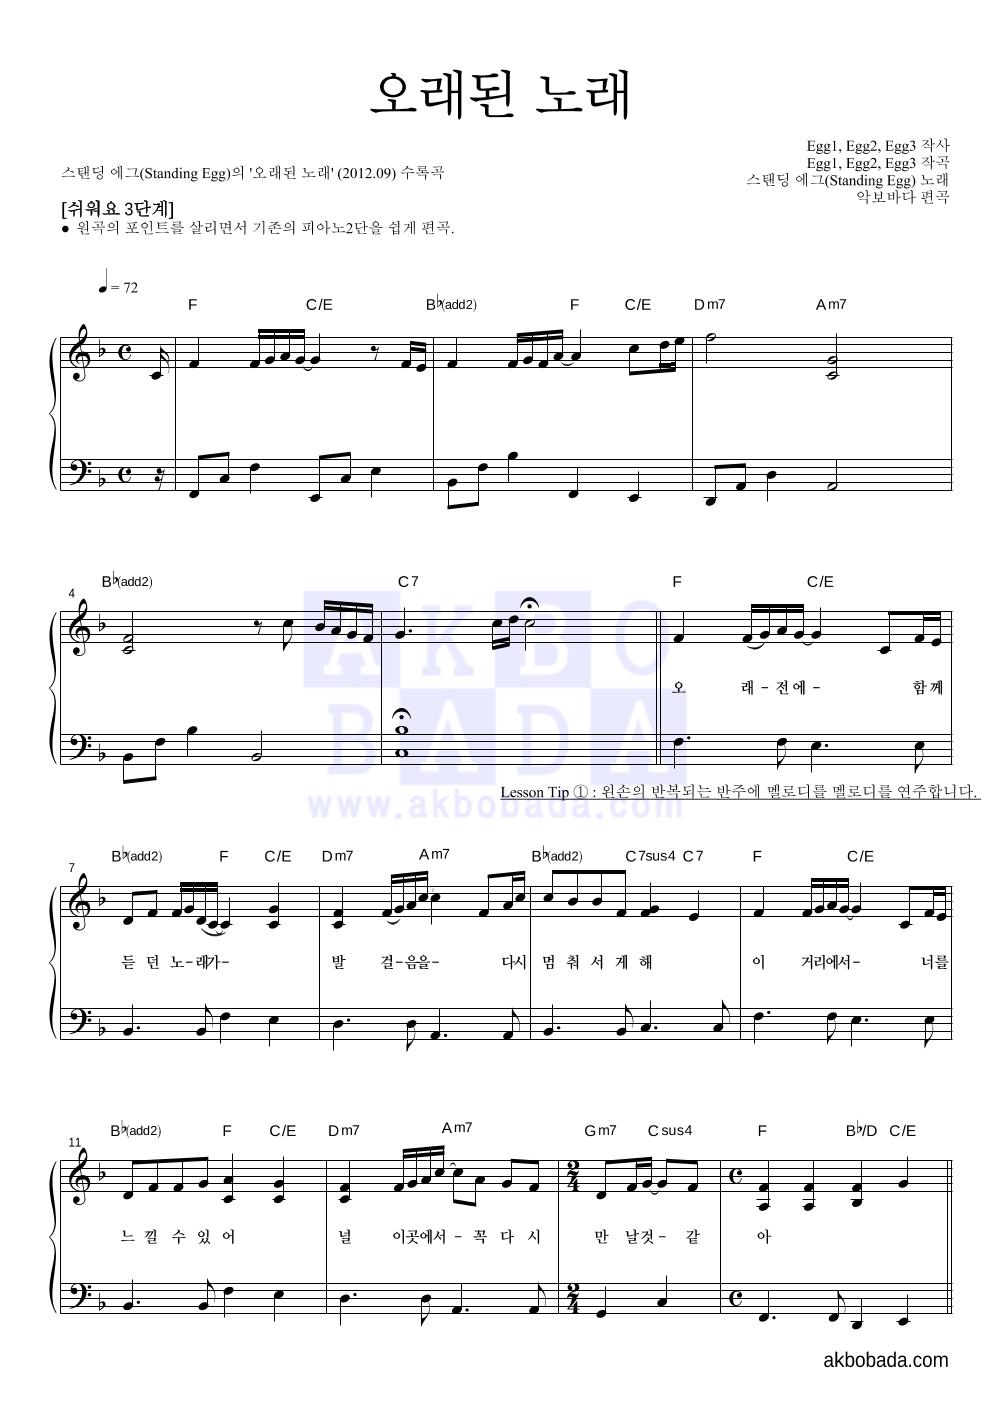 스탠딩 에그 - 오래된 노래 피아노2단-쉬워요 악보